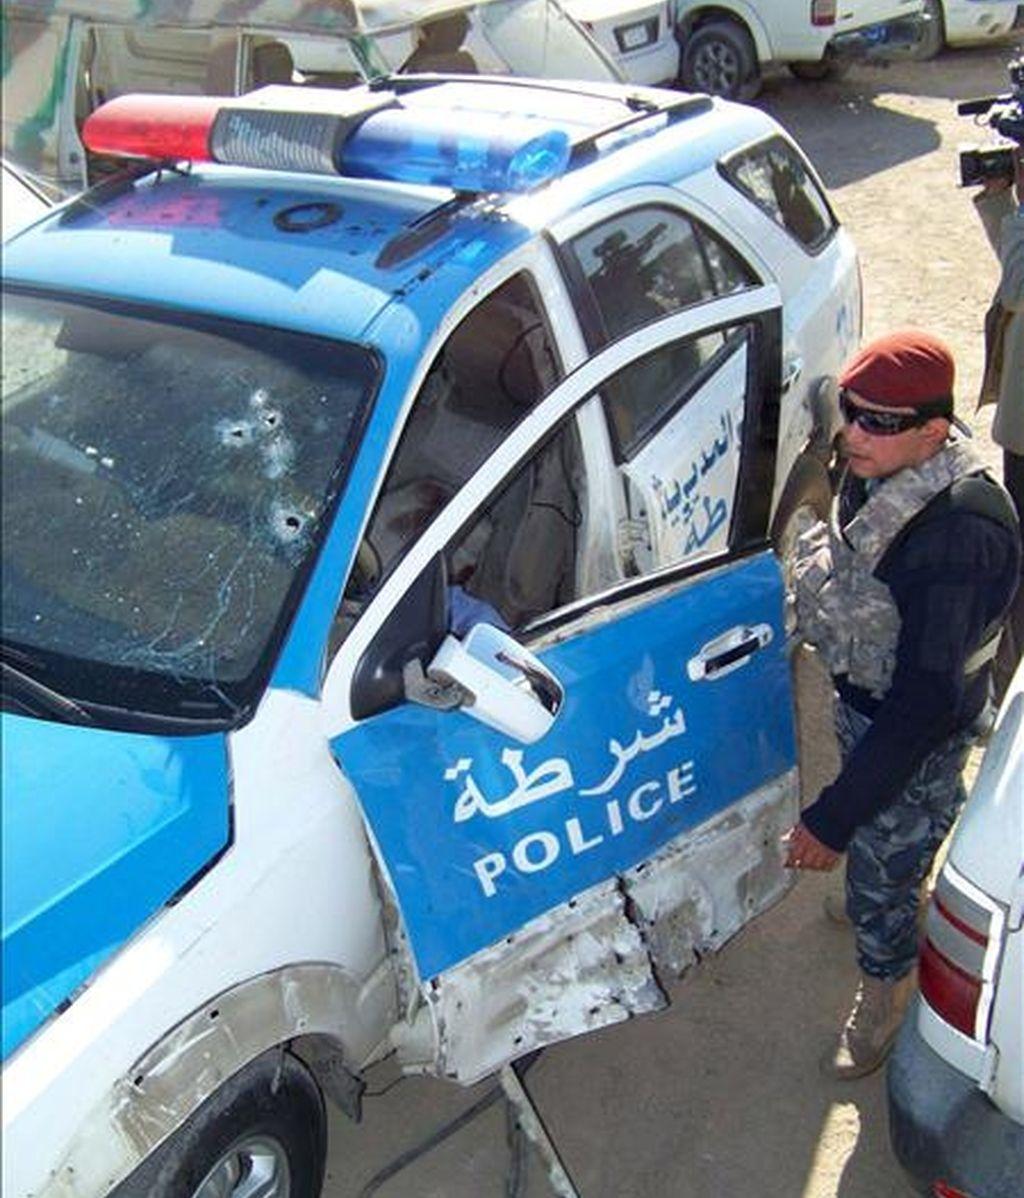 Un policía iraquí inspecciona los daños registrados en un vehículo policial tras la explosión de una bomba en el centro de Basora, al sur de Irak, el pasado 29 de diciembre. EFE/Archivo